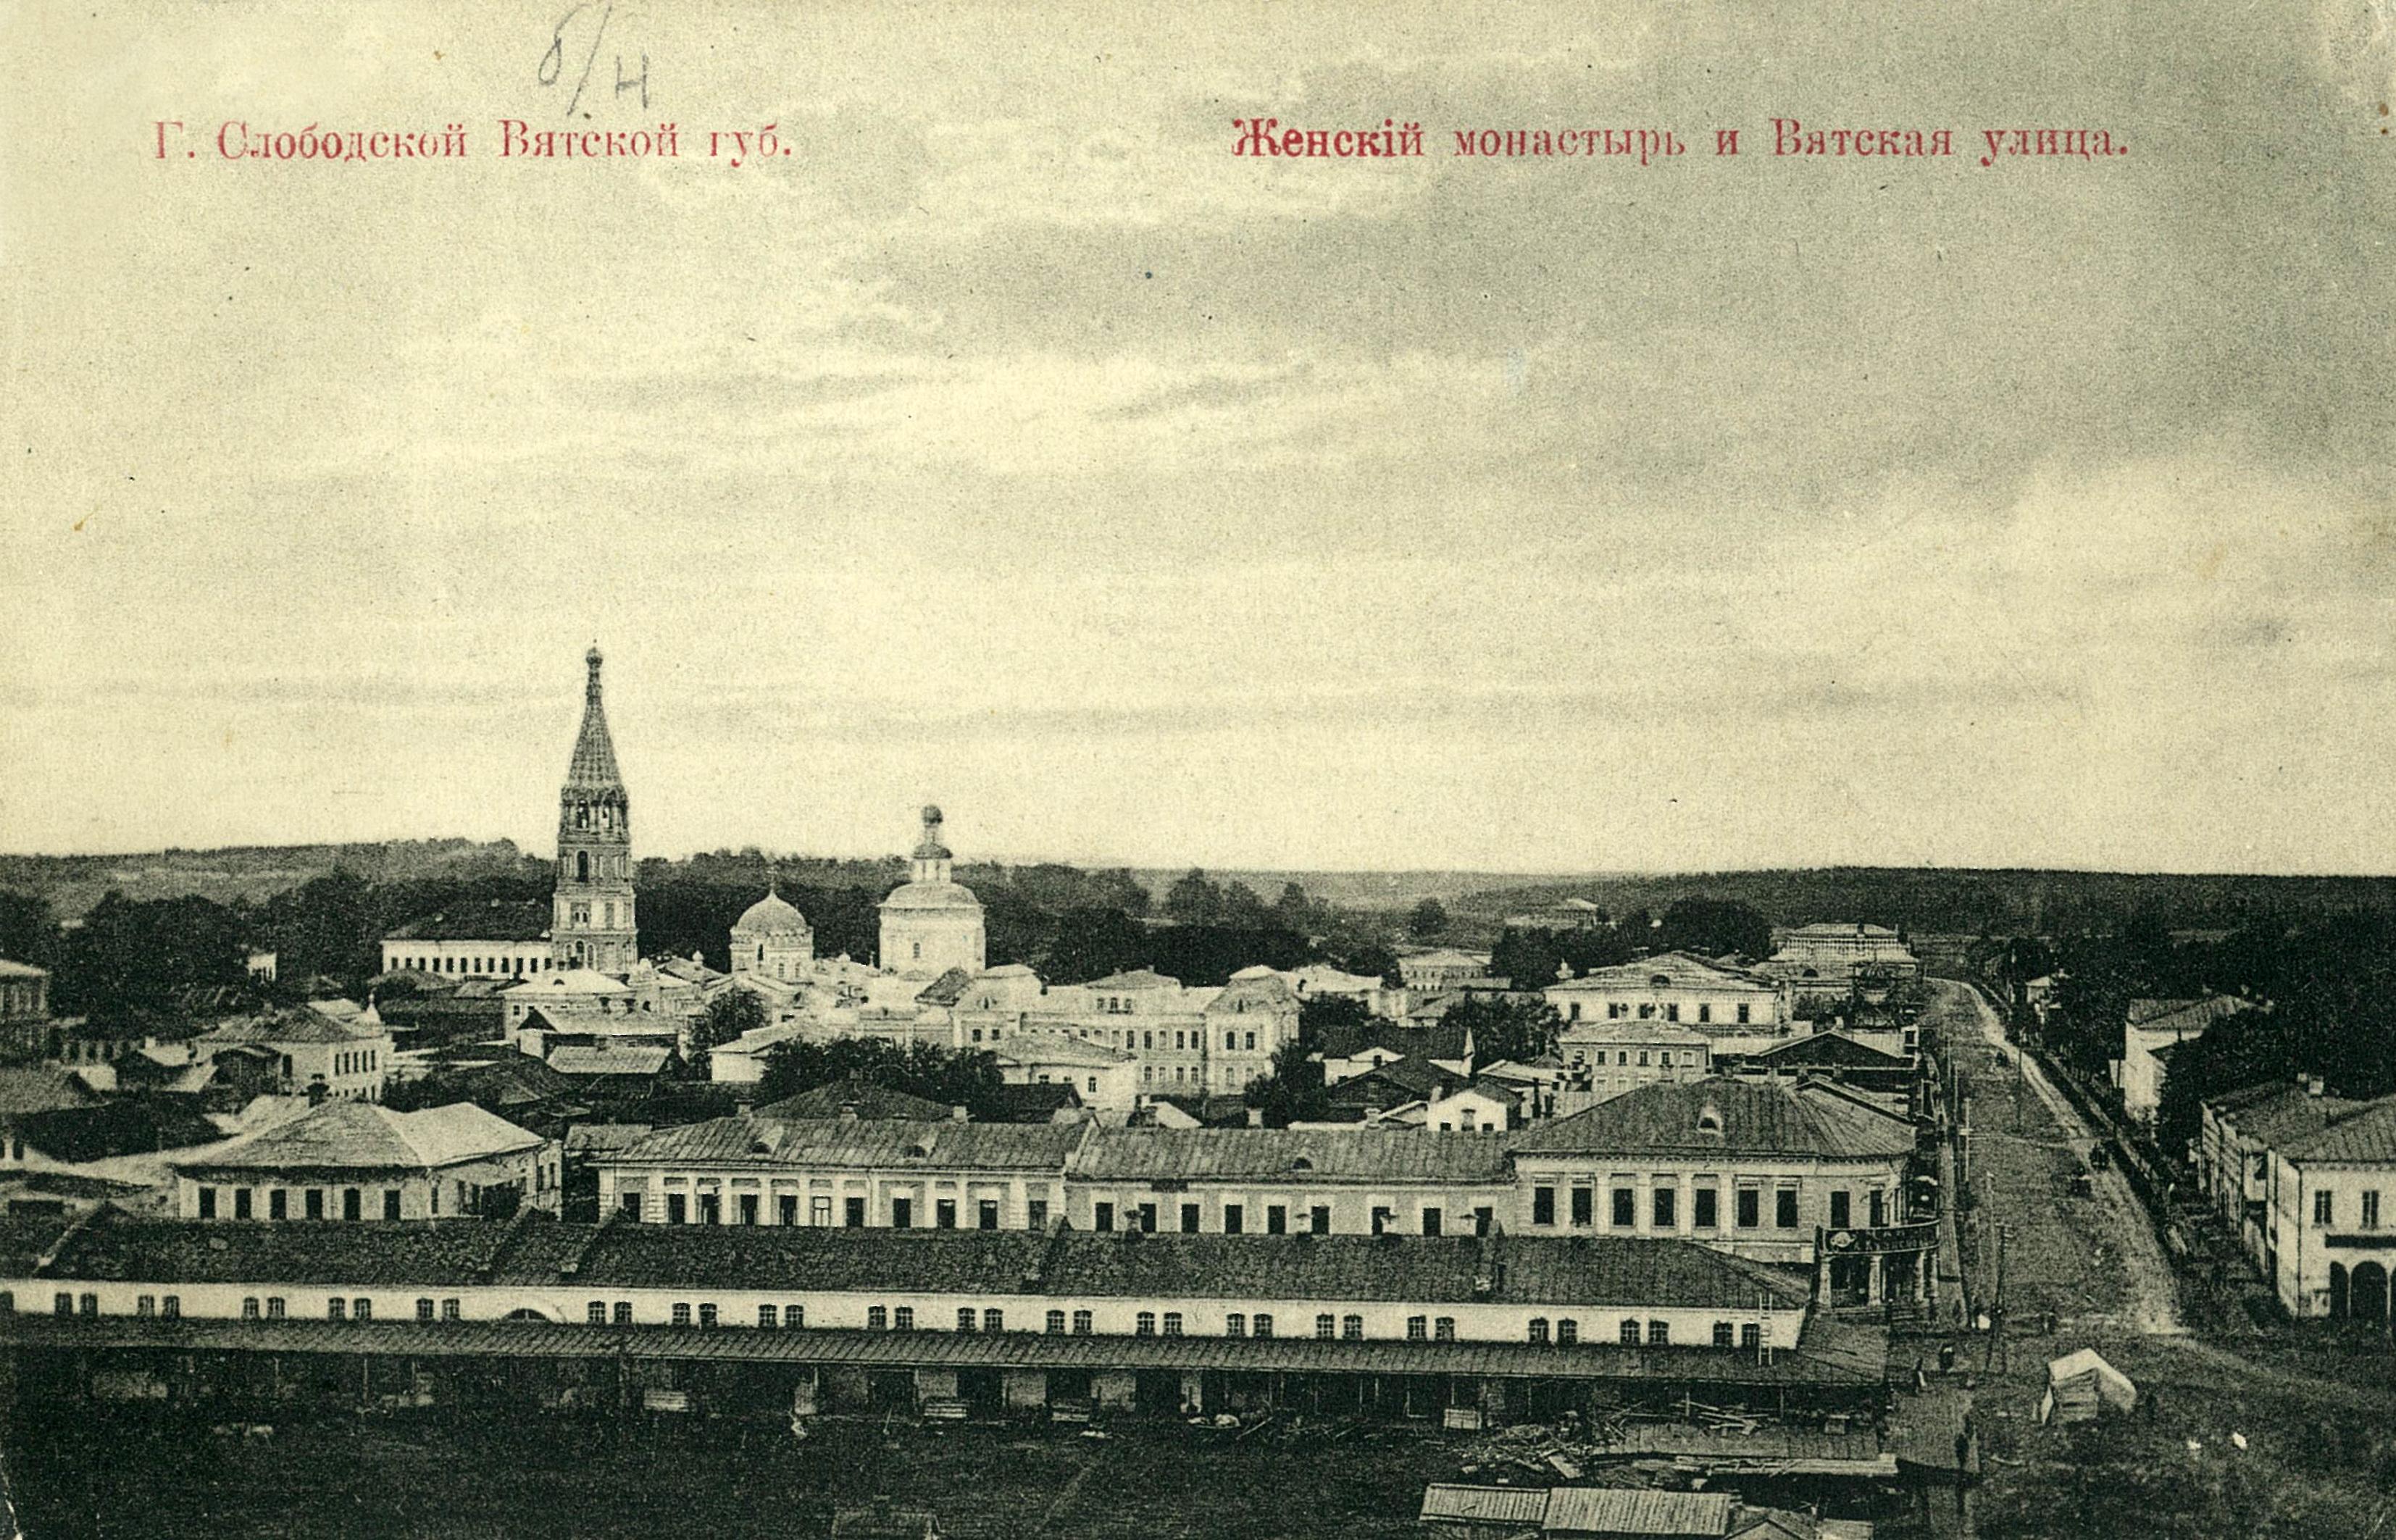 Вятская улица и Женский монастырь